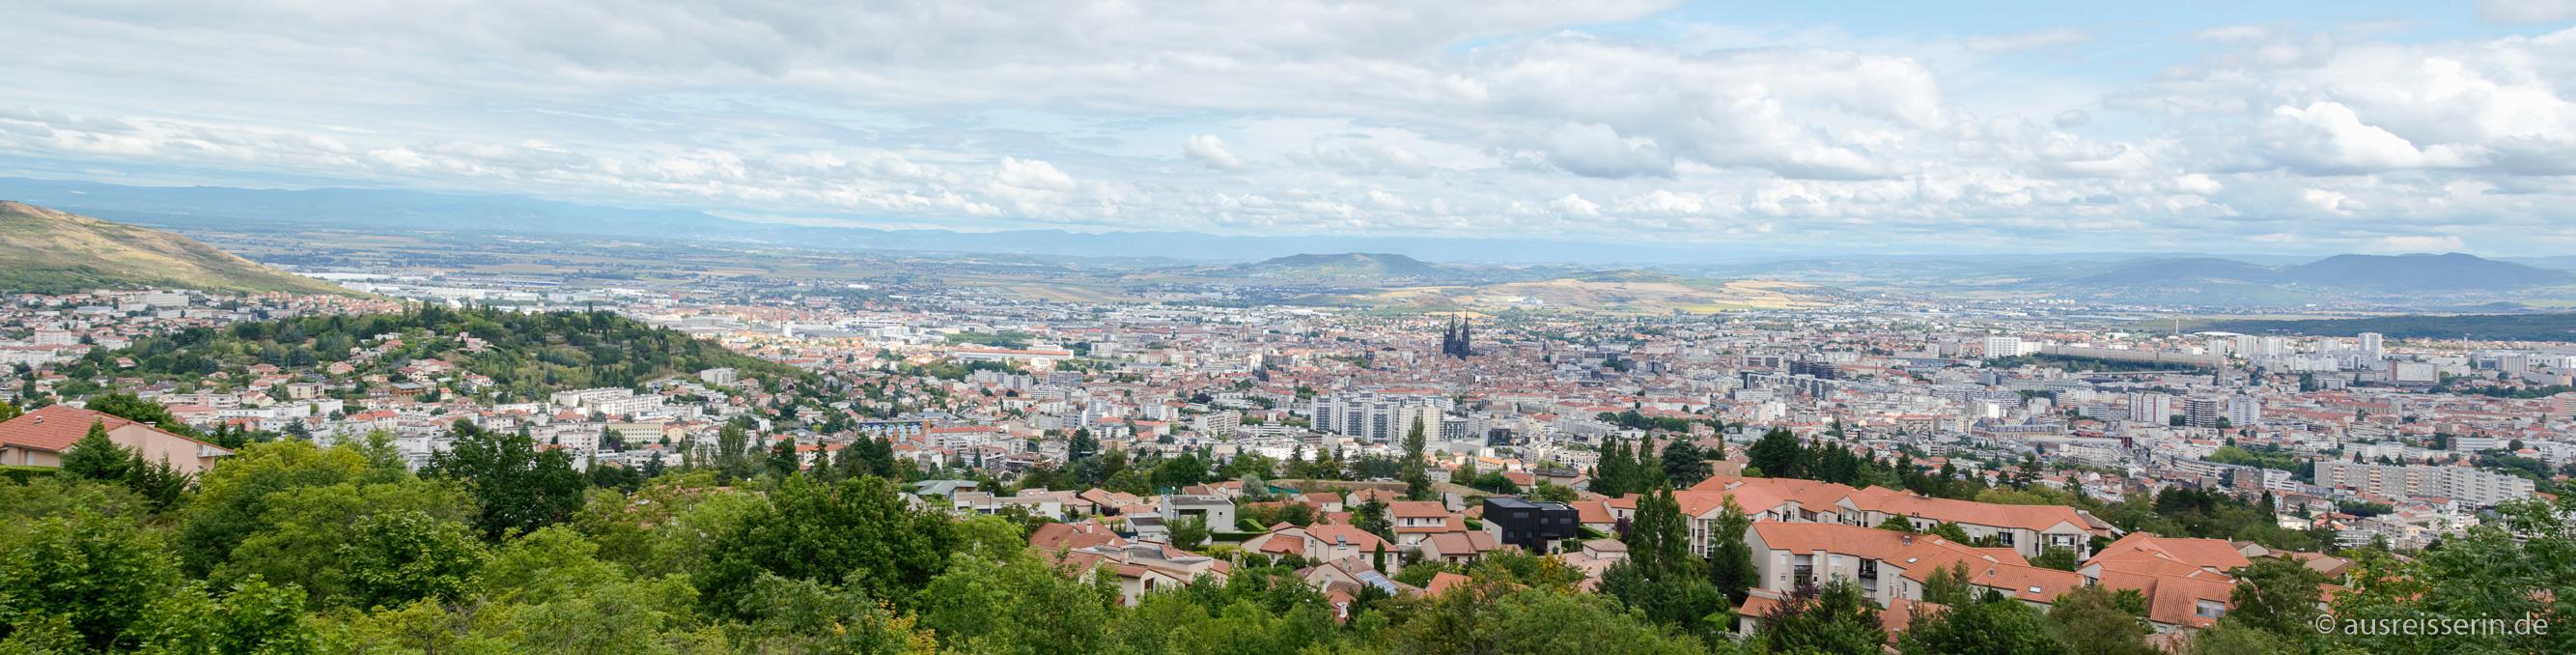 Ausblick auf Clermont-Ferrand